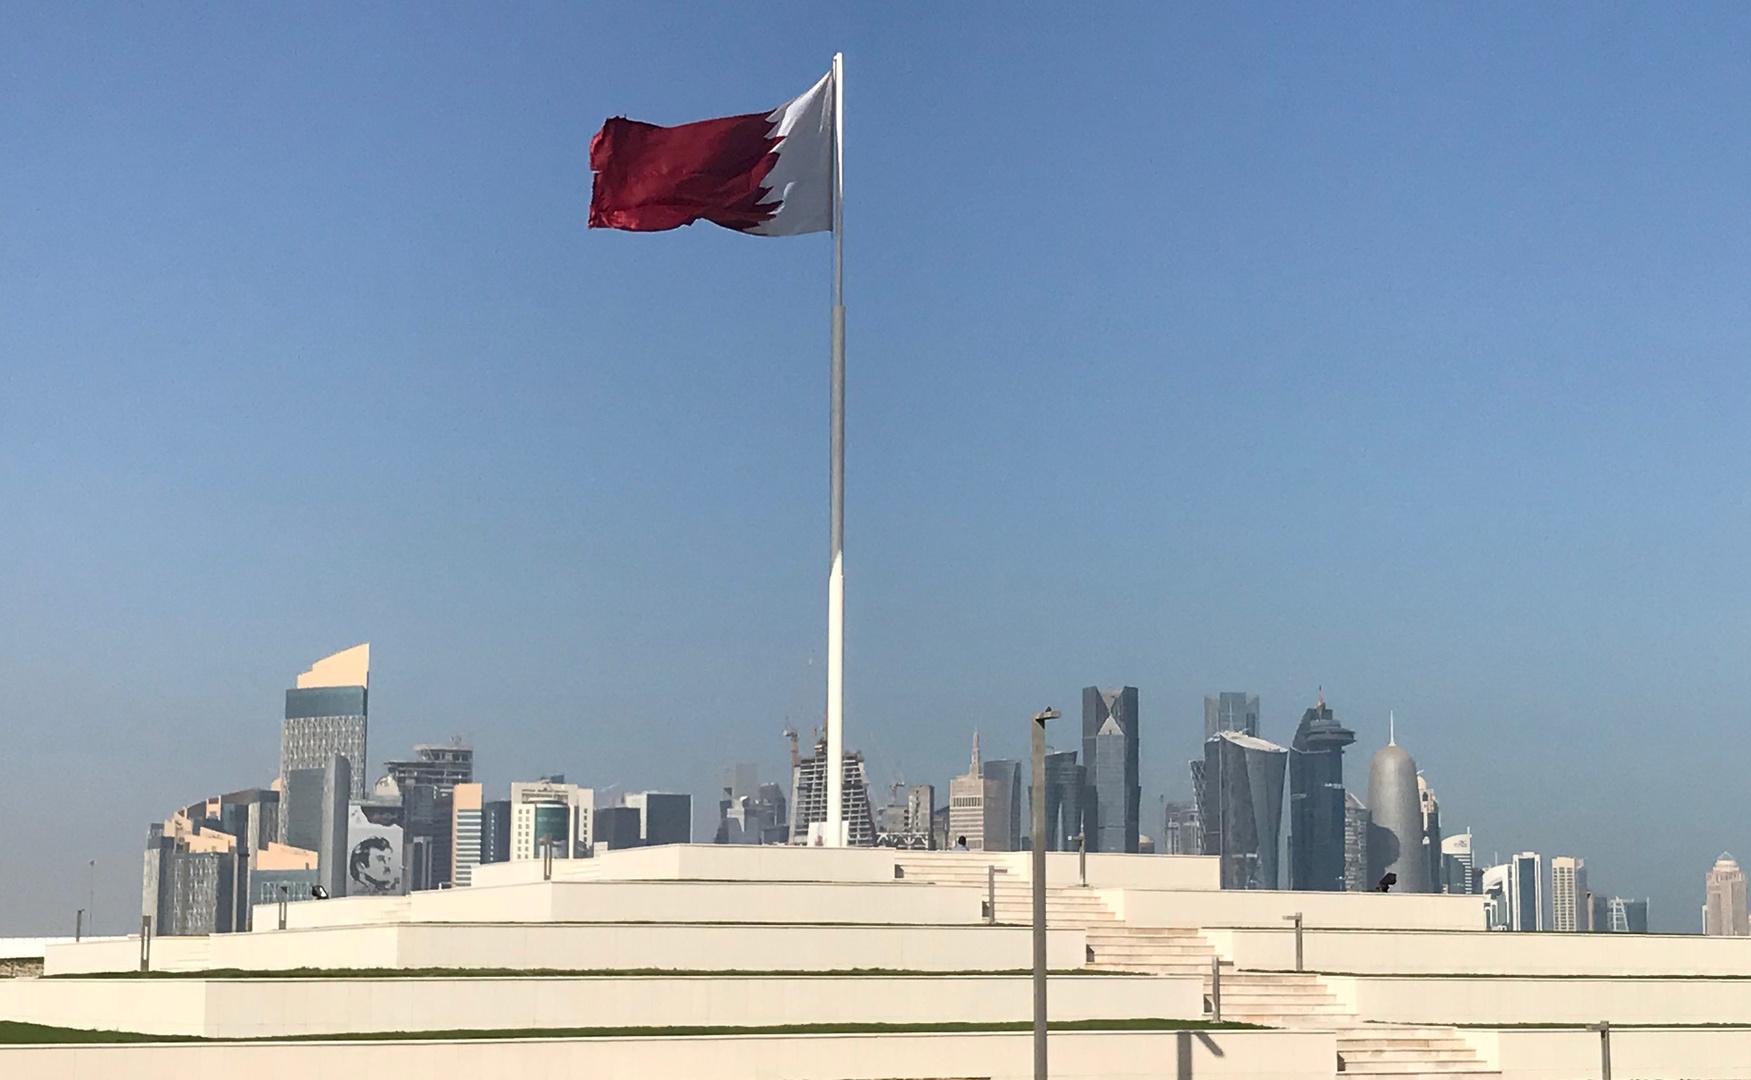 قطر تدين محاولة شن هجوم على الرياض وتعتبرها عملا خطيرا ضد المدنيين